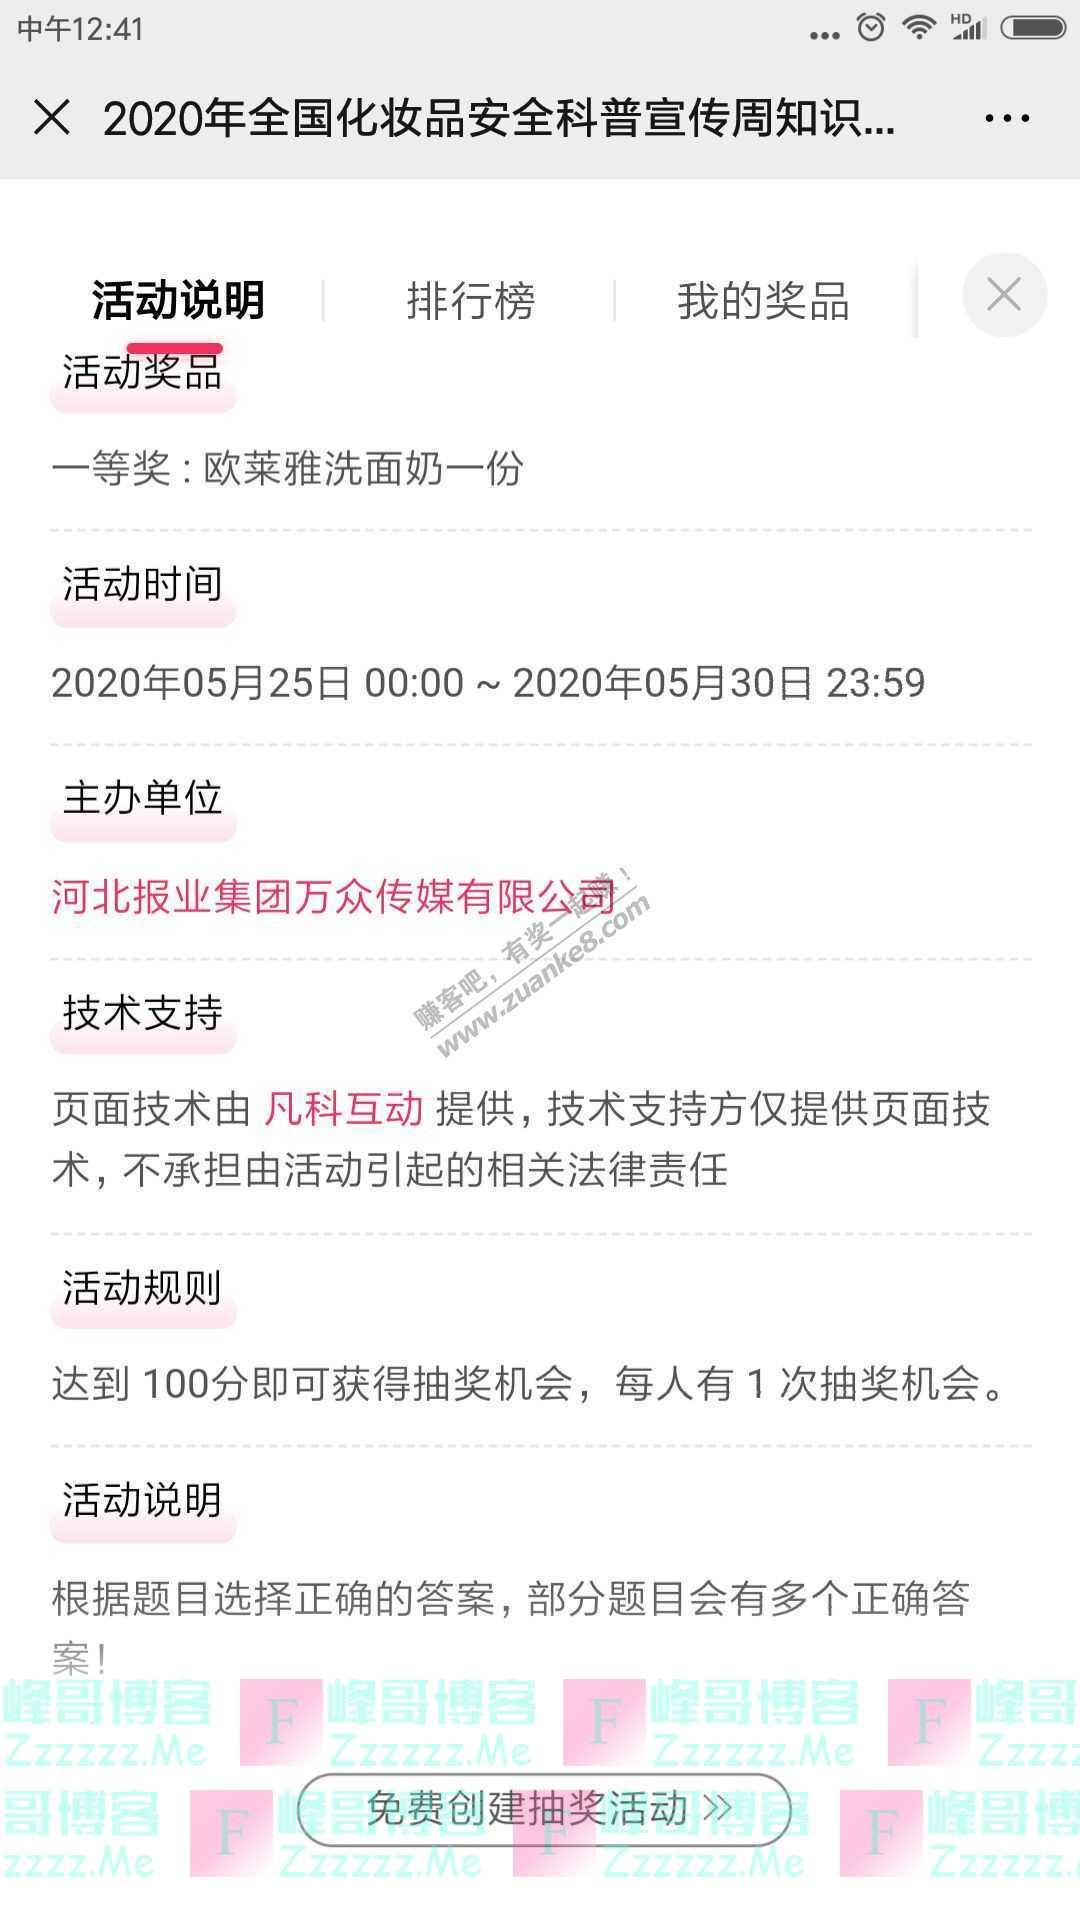 唐山市市场监督管理局化妆品安全科普宣传周知识问答(截止5月31日)